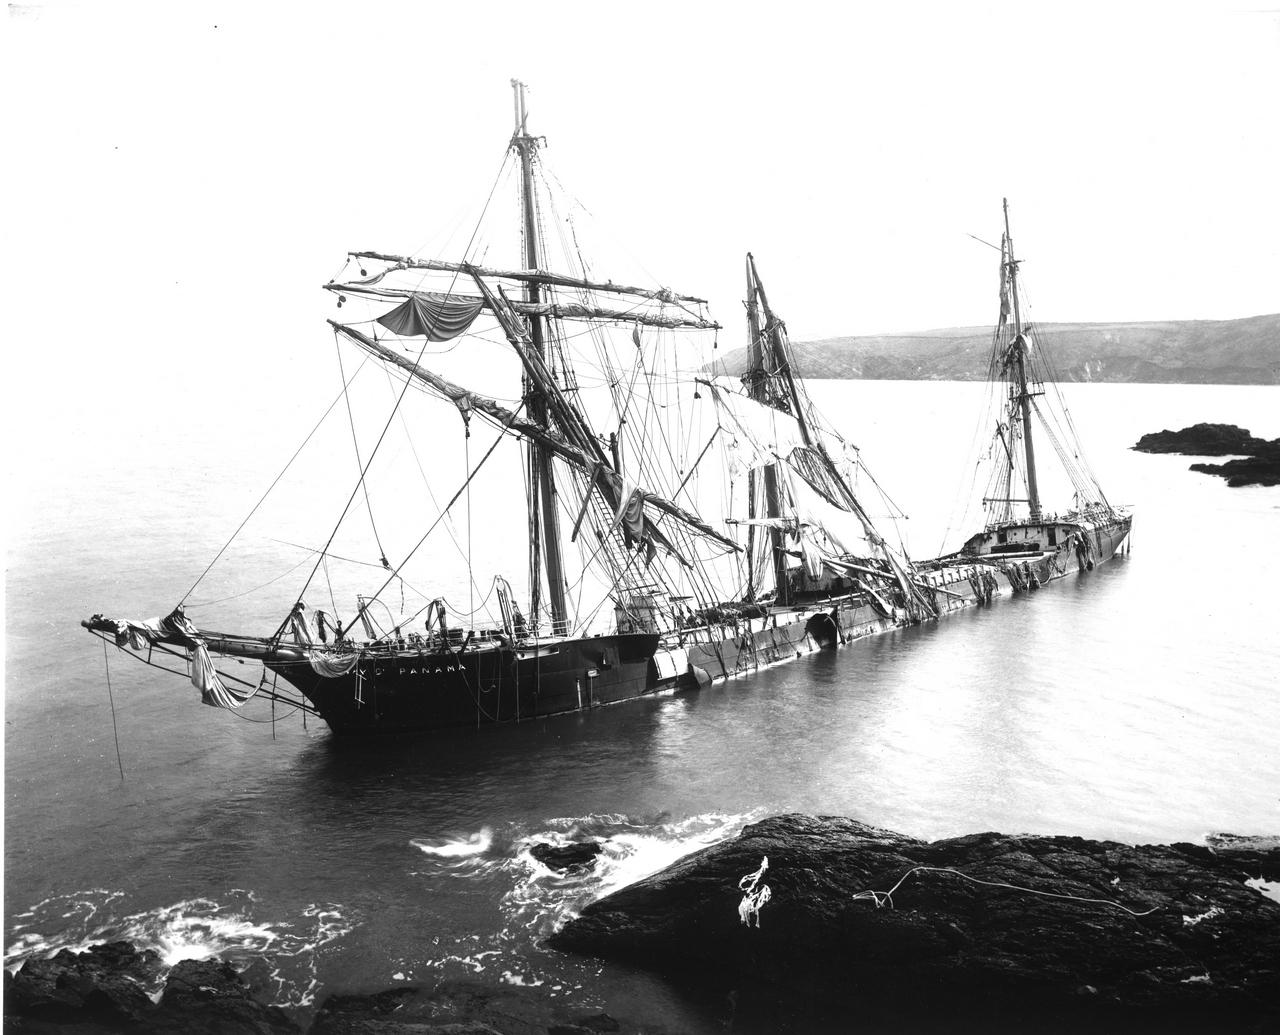 sothebysallasta-le-foto-storiche-di-grandi-naufragi-della-collezione-gibsons-of-scilly_0_1002